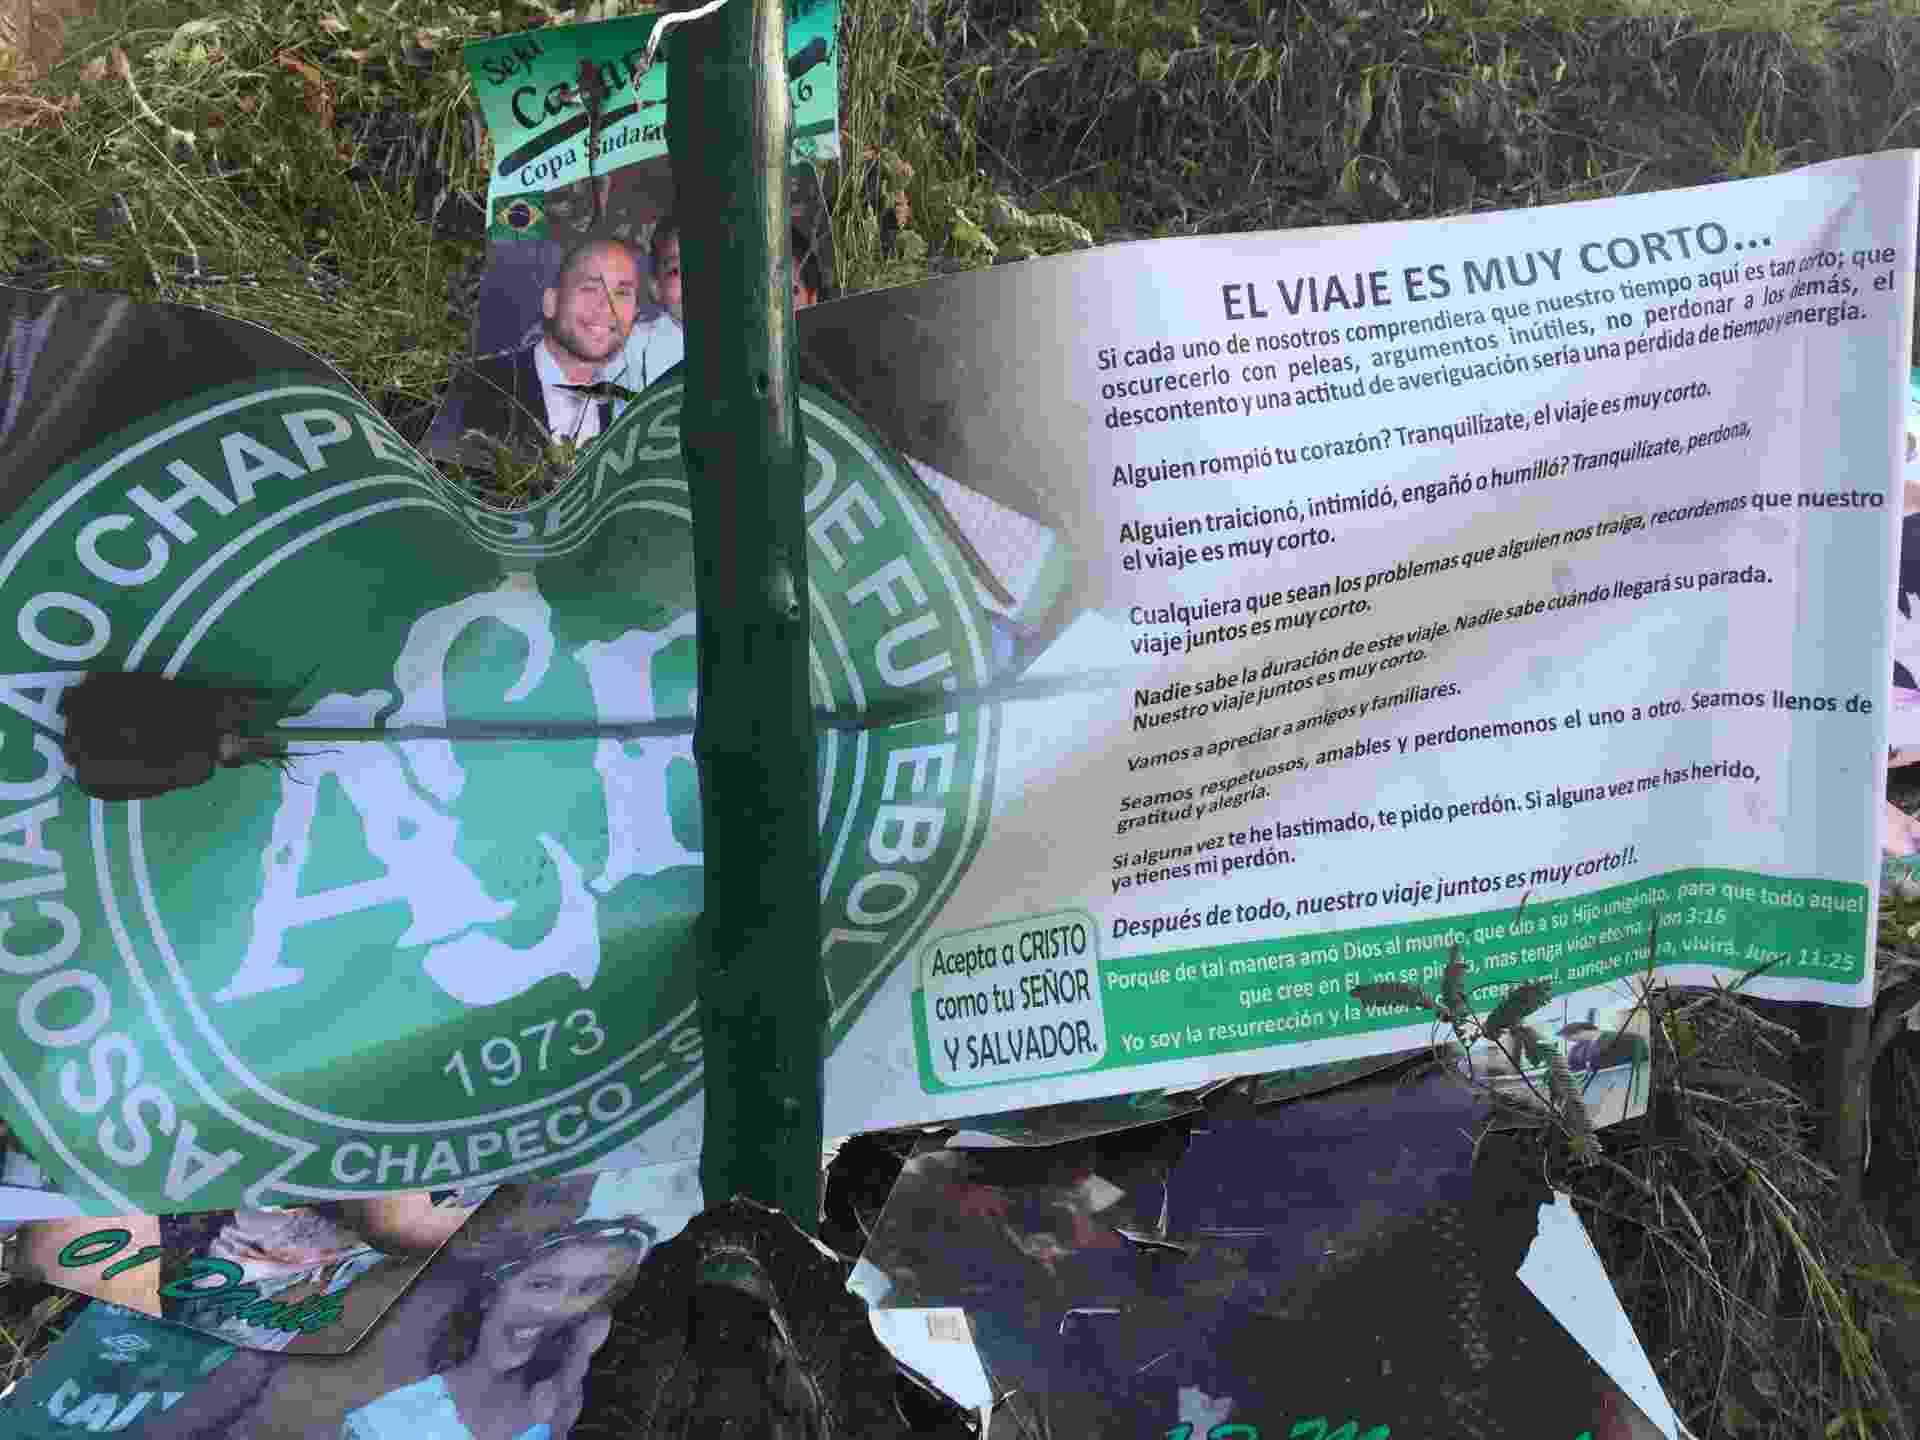 Três meses depois da tragédia que vitimou a delegação da Chapecoense na Colômbia, a reportagem do UOL Esporte revisitou o ponto da queda do avião. Local virou rota de peregrinação - Napoleão de Almeida/Colaboração para o UOL